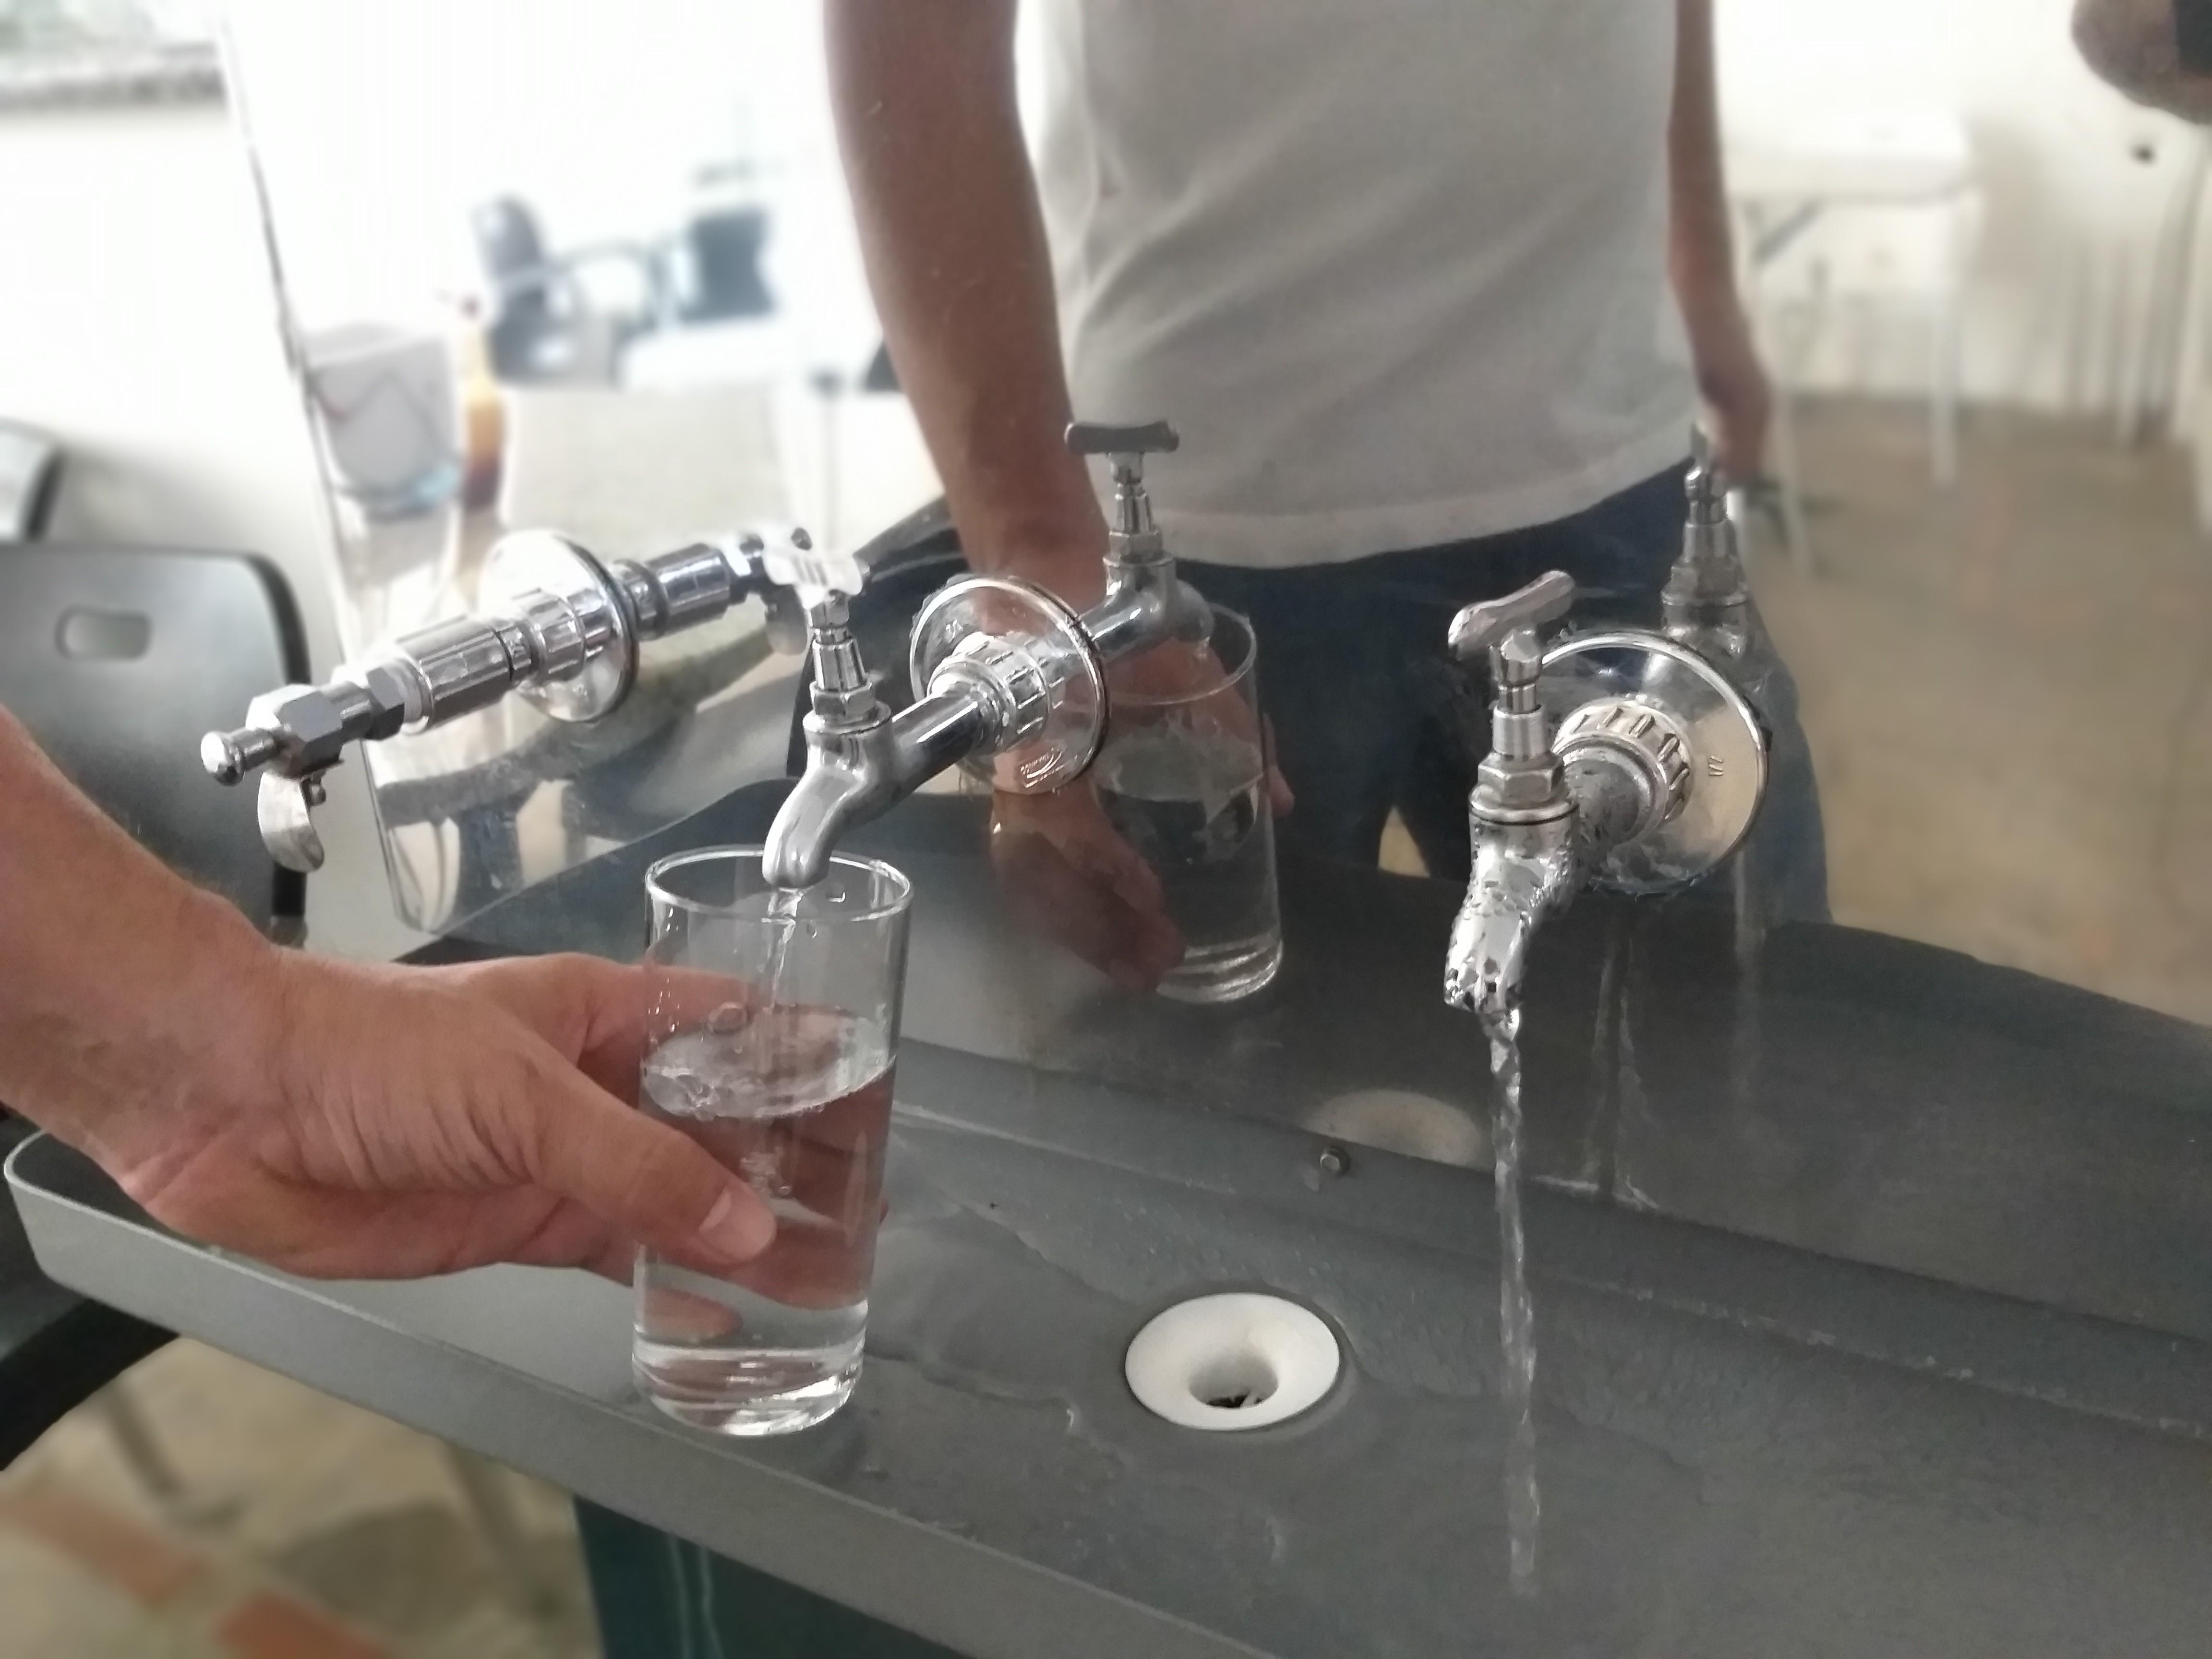 Sanepar retoma rodízio de água em Cascavel; confira os bairros atingidos  - Notícias - Plantão Diário